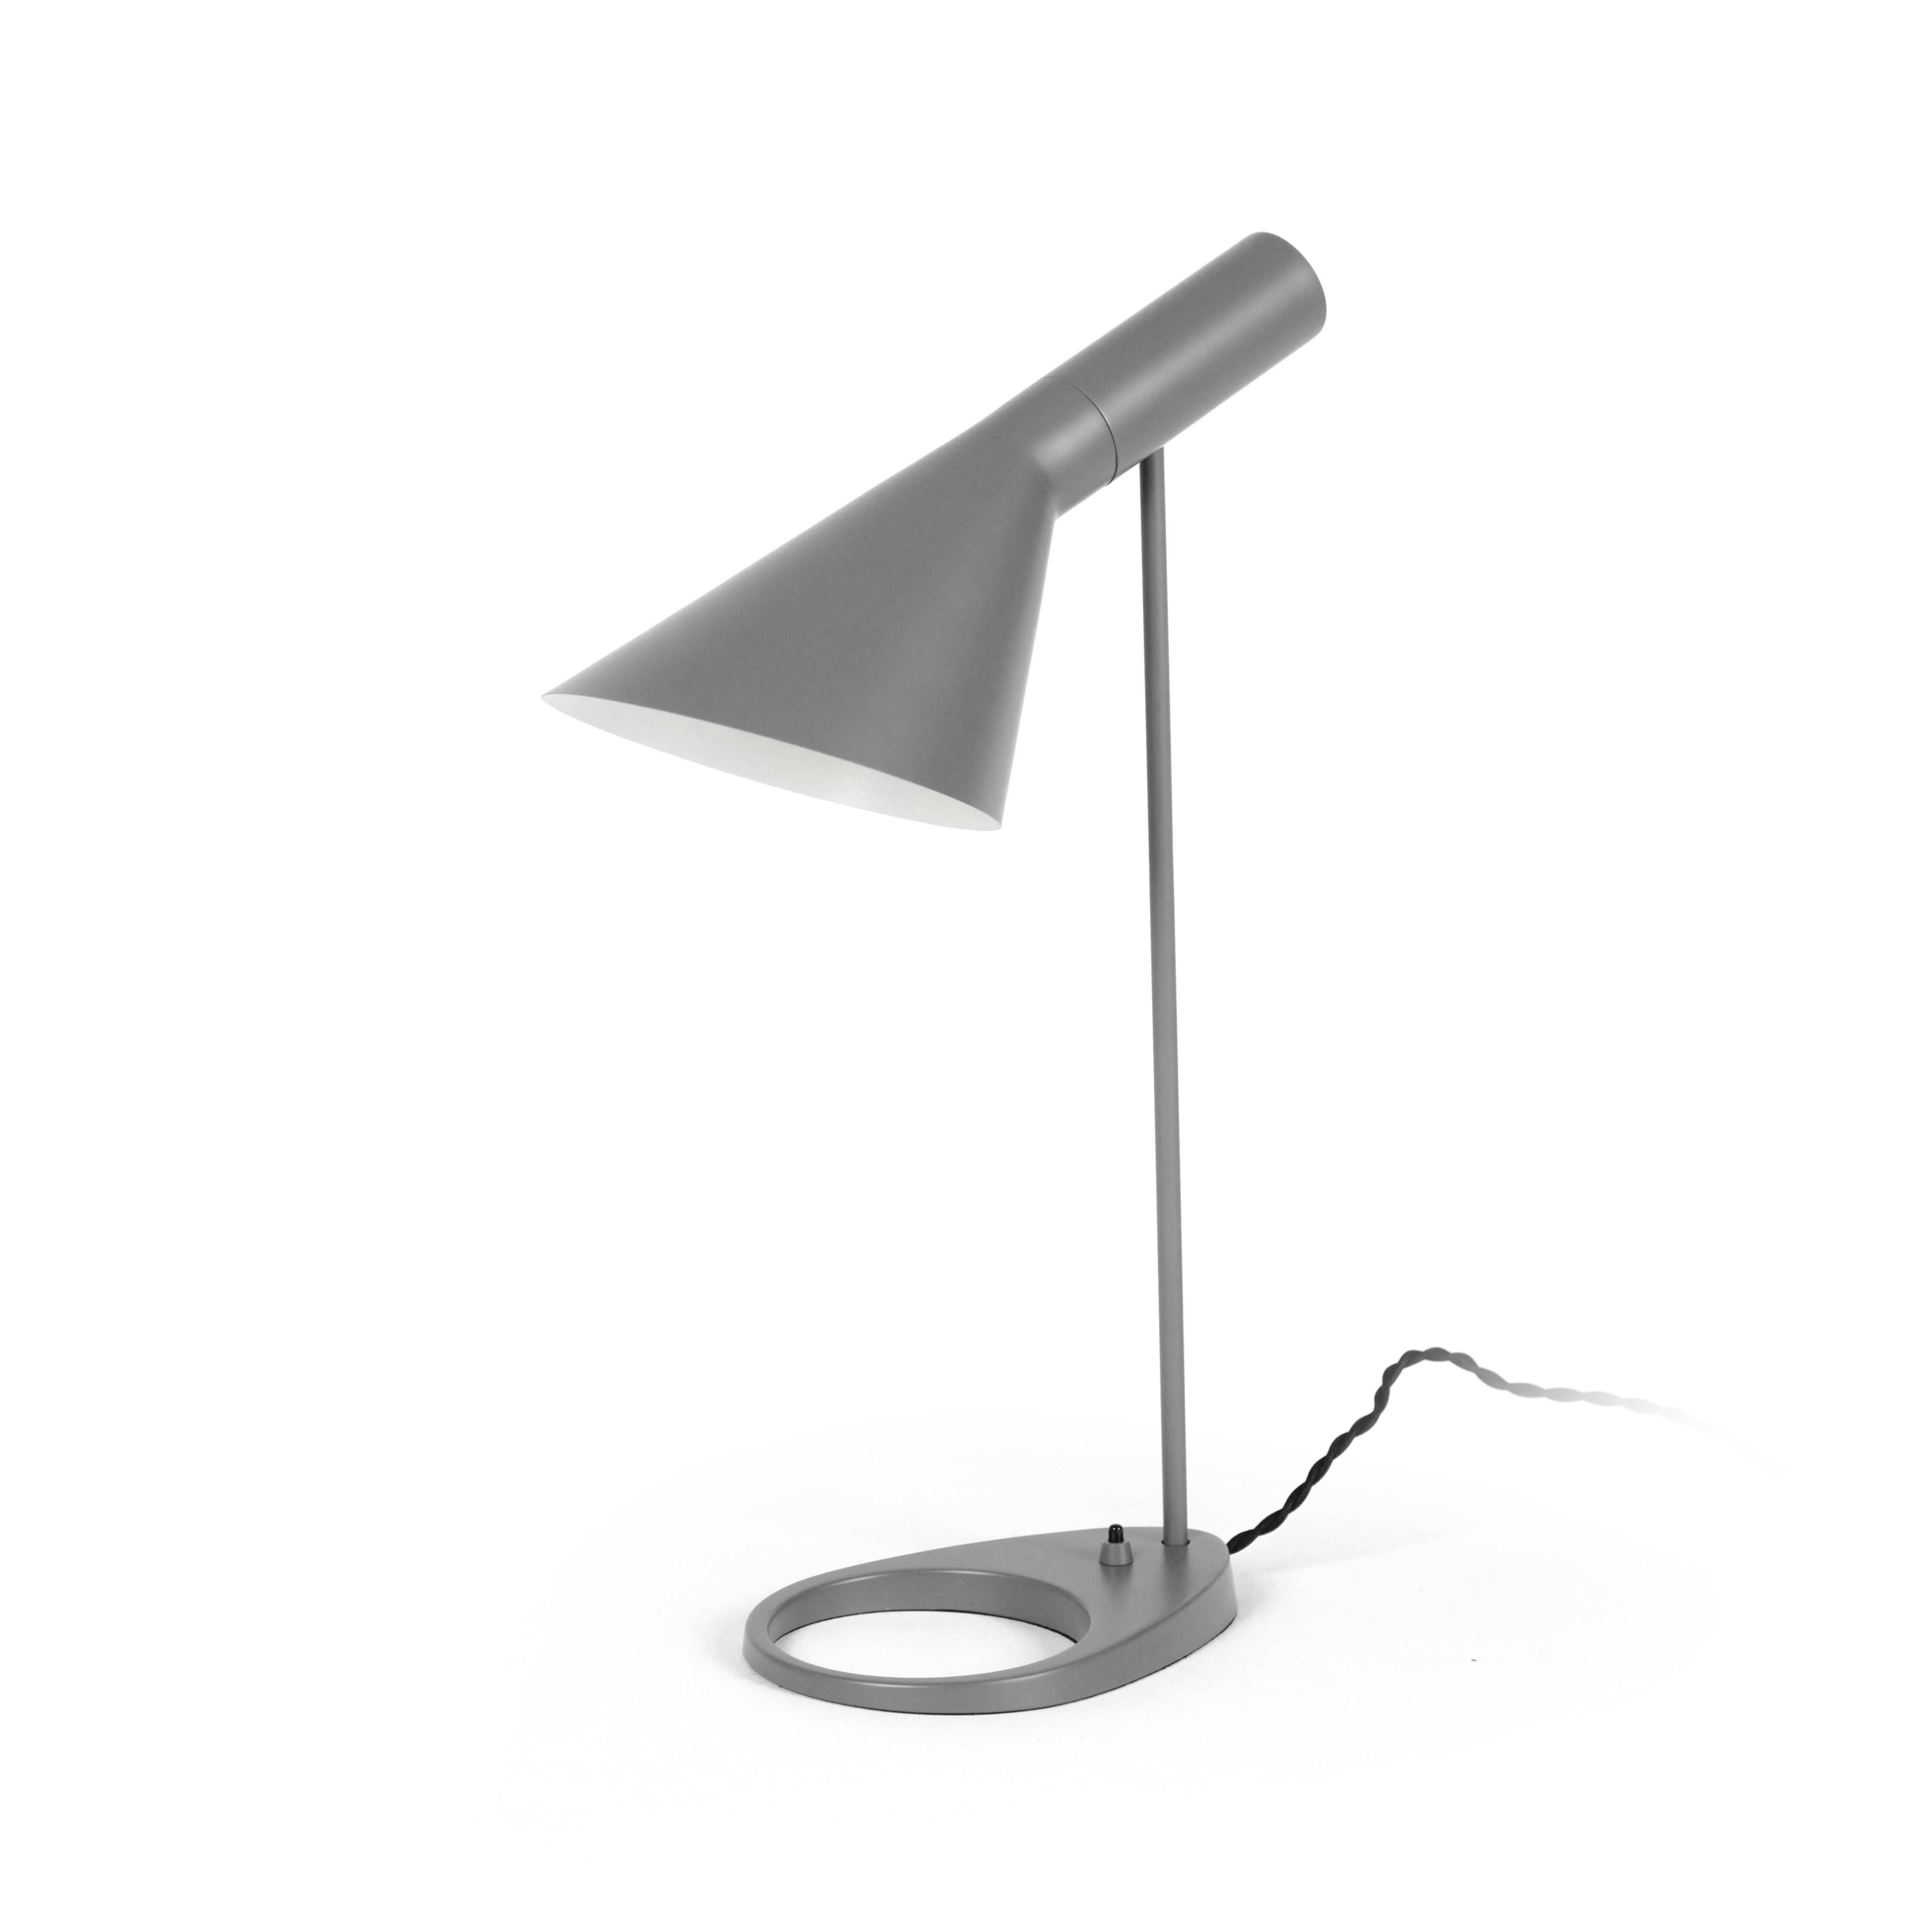 Настольный светильник AJ EBНастольные<br>Датский архитектор французского происхождения Арне Якобсен в процессе проектирования копенгагенского отеля Radisson SAS Royal в 1957 году разработал простой и невероятно изысканный стиль Visor. Прямые линии, смелые образы и неожиданные формы — все это Арне вкладывал в свой проект, не пропуская никаких мелких деталей, включая внешний вид столовых приборов отеля. В этом же стиле Visor представлен настольный светильник AJ EB.<br><br><br> Для его изготовления применены новейшие технологии обработк...<br><br>stock: 5<br>Высота: 56<br>Диаметр: 16<br>Длина: 21,5<br>Количество ламп: 1<br>Материал абажура: Металл<br>Материал арматуры: Металл<br>Мощность лампы: 60<br>Ламп в комплекте: Нет<br>Тип лампы/цоколь: E27<br>Цвет абажура: Серый<br>Цвет арматуры: Серый